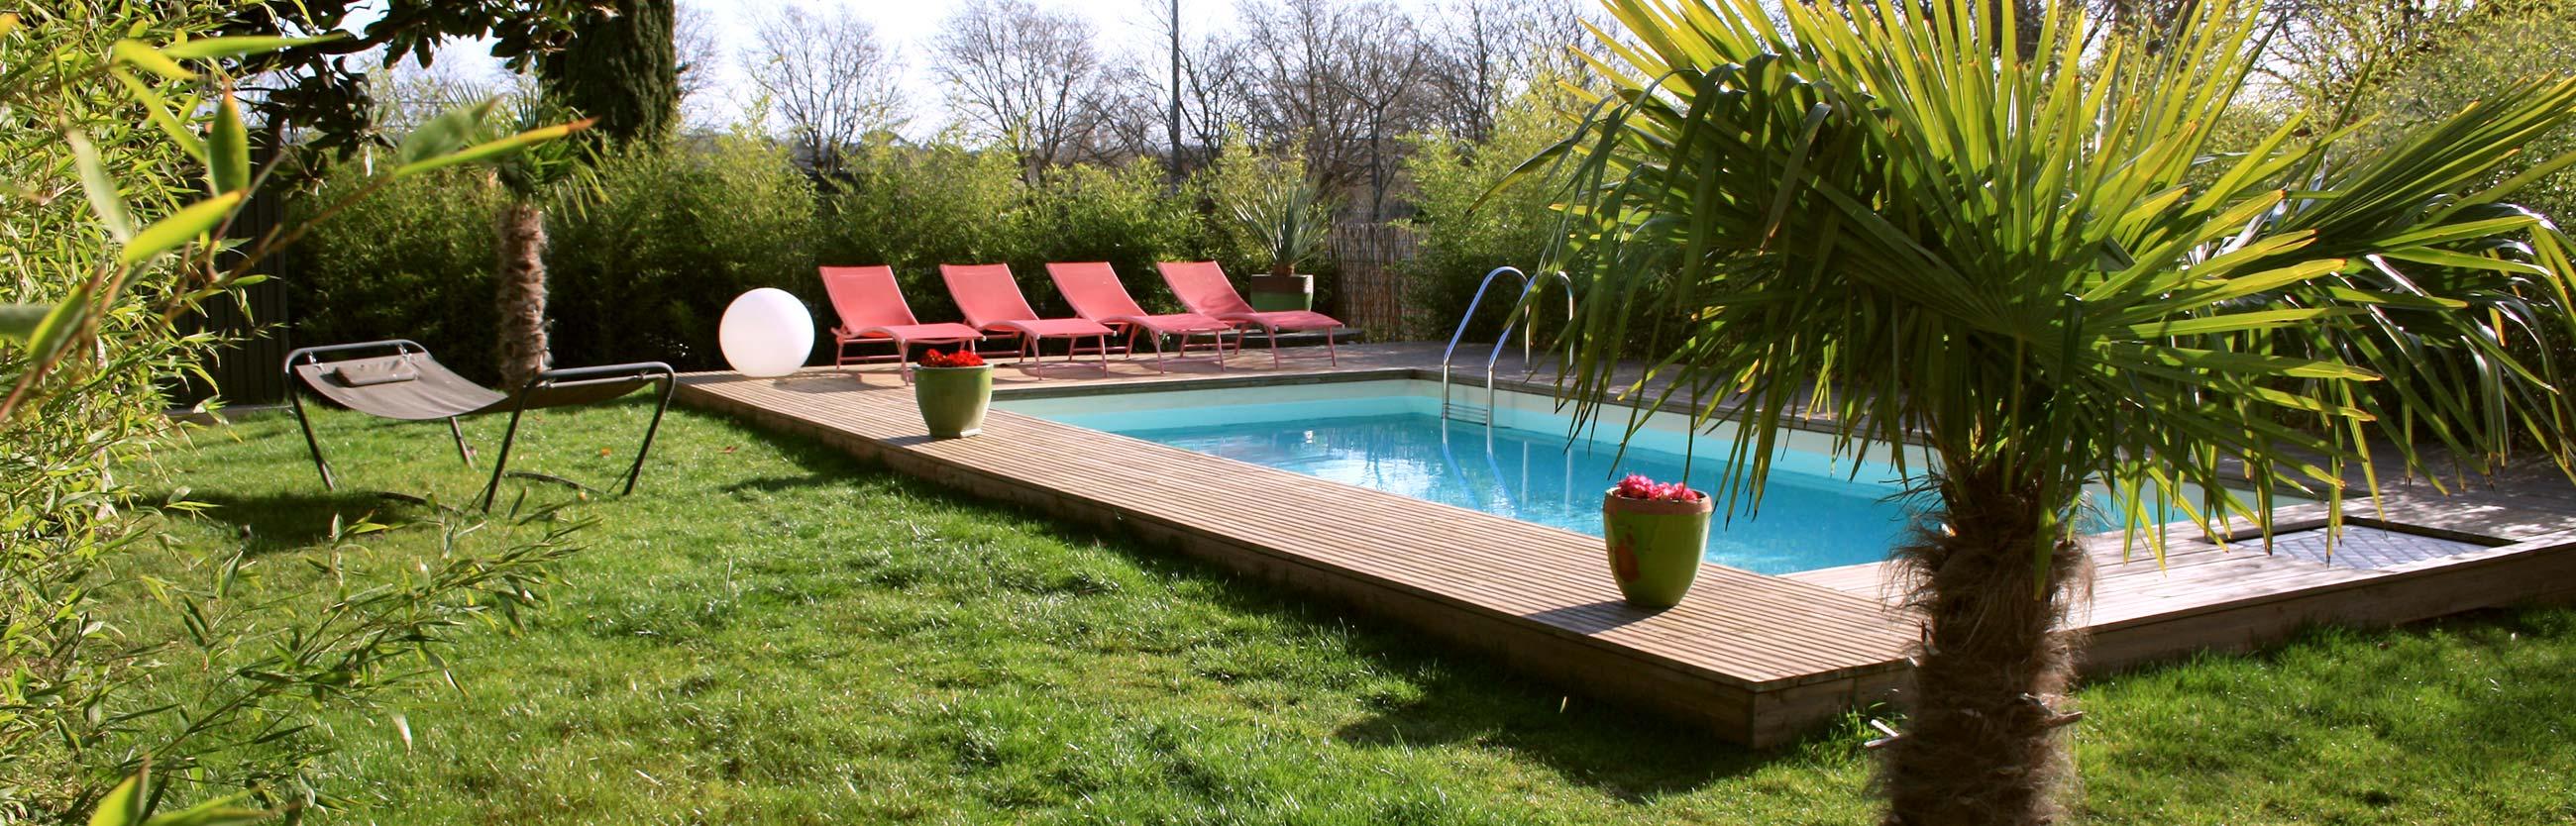 chambre d'hôte avec piscine à Toulouse